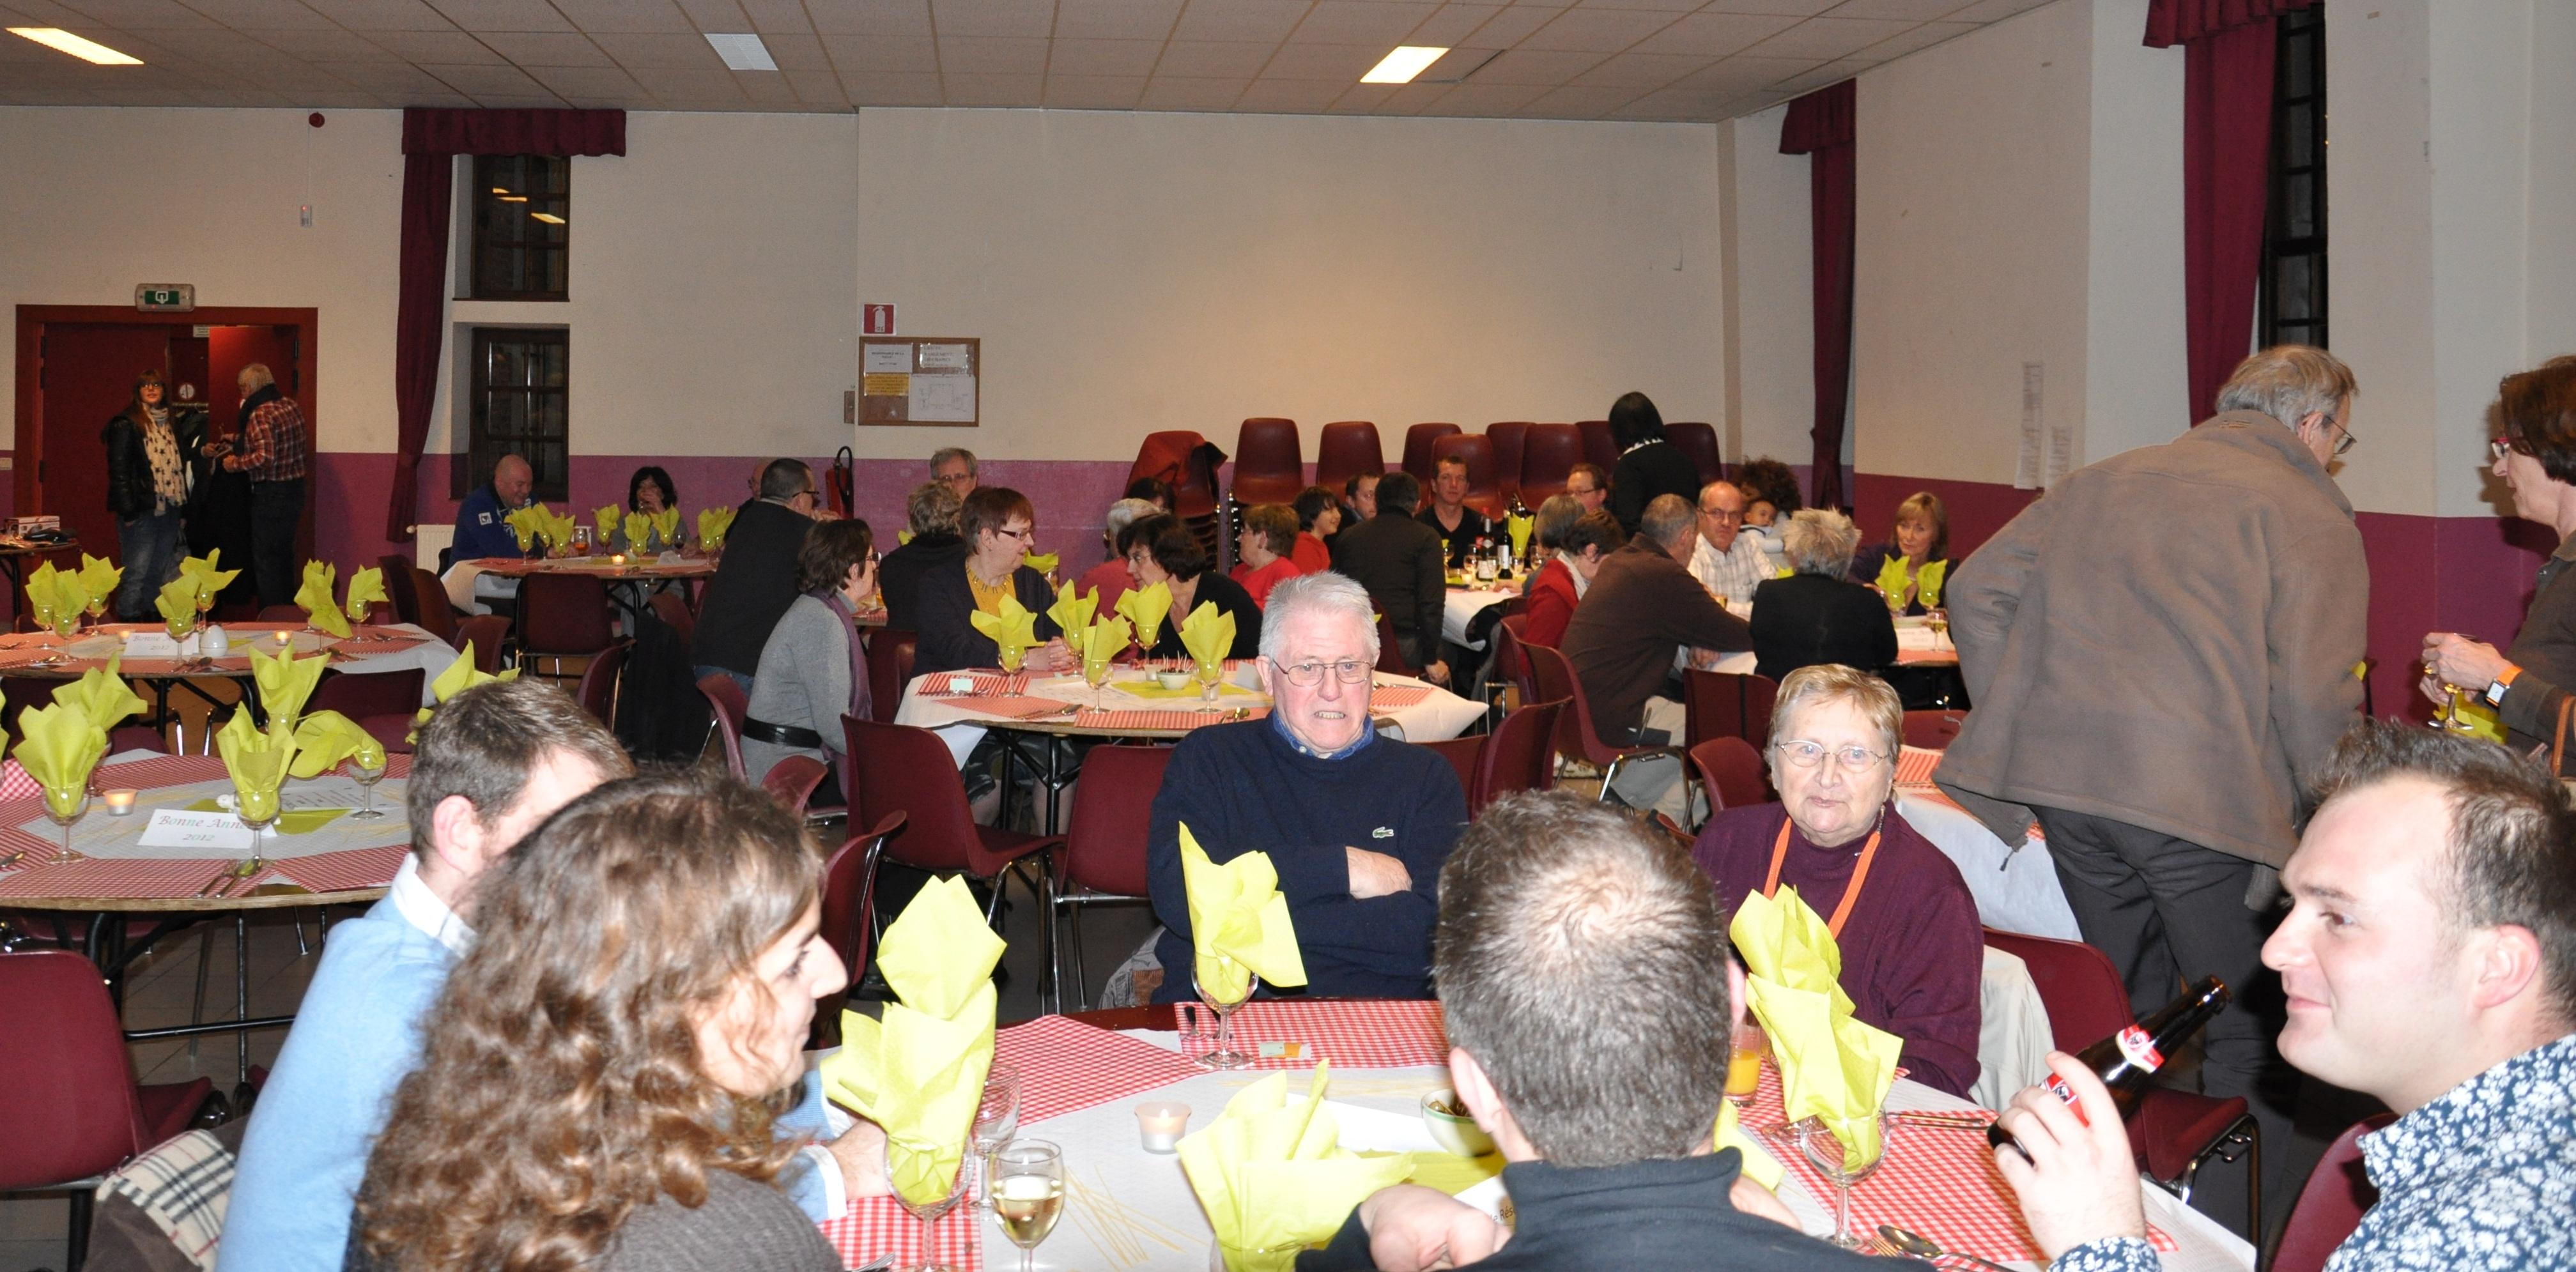 Janvier 2012: souper spaghettis au château Brunsode